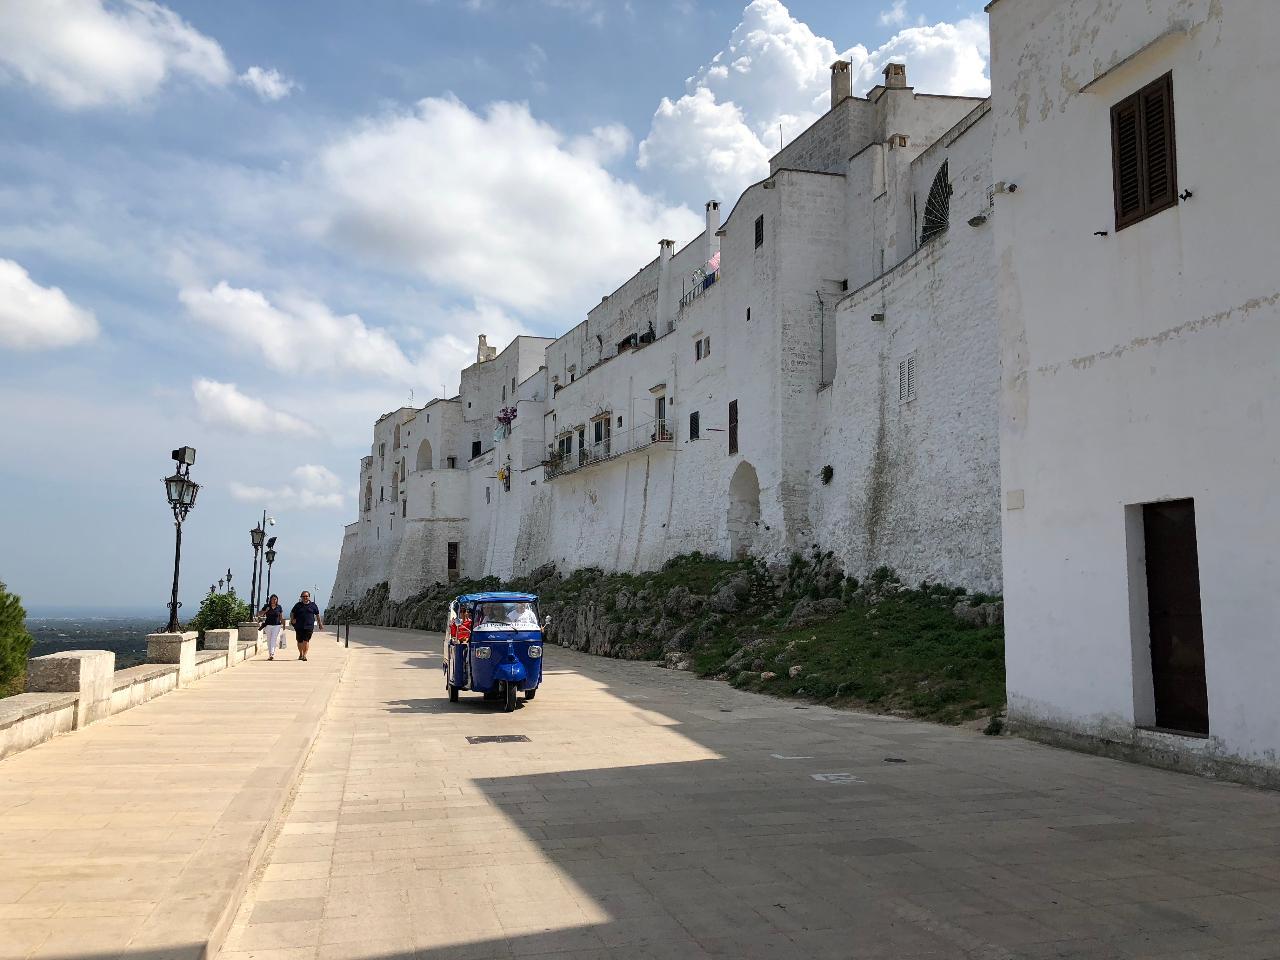 Ostuni, The white city and its historic gardens #EnglishTour